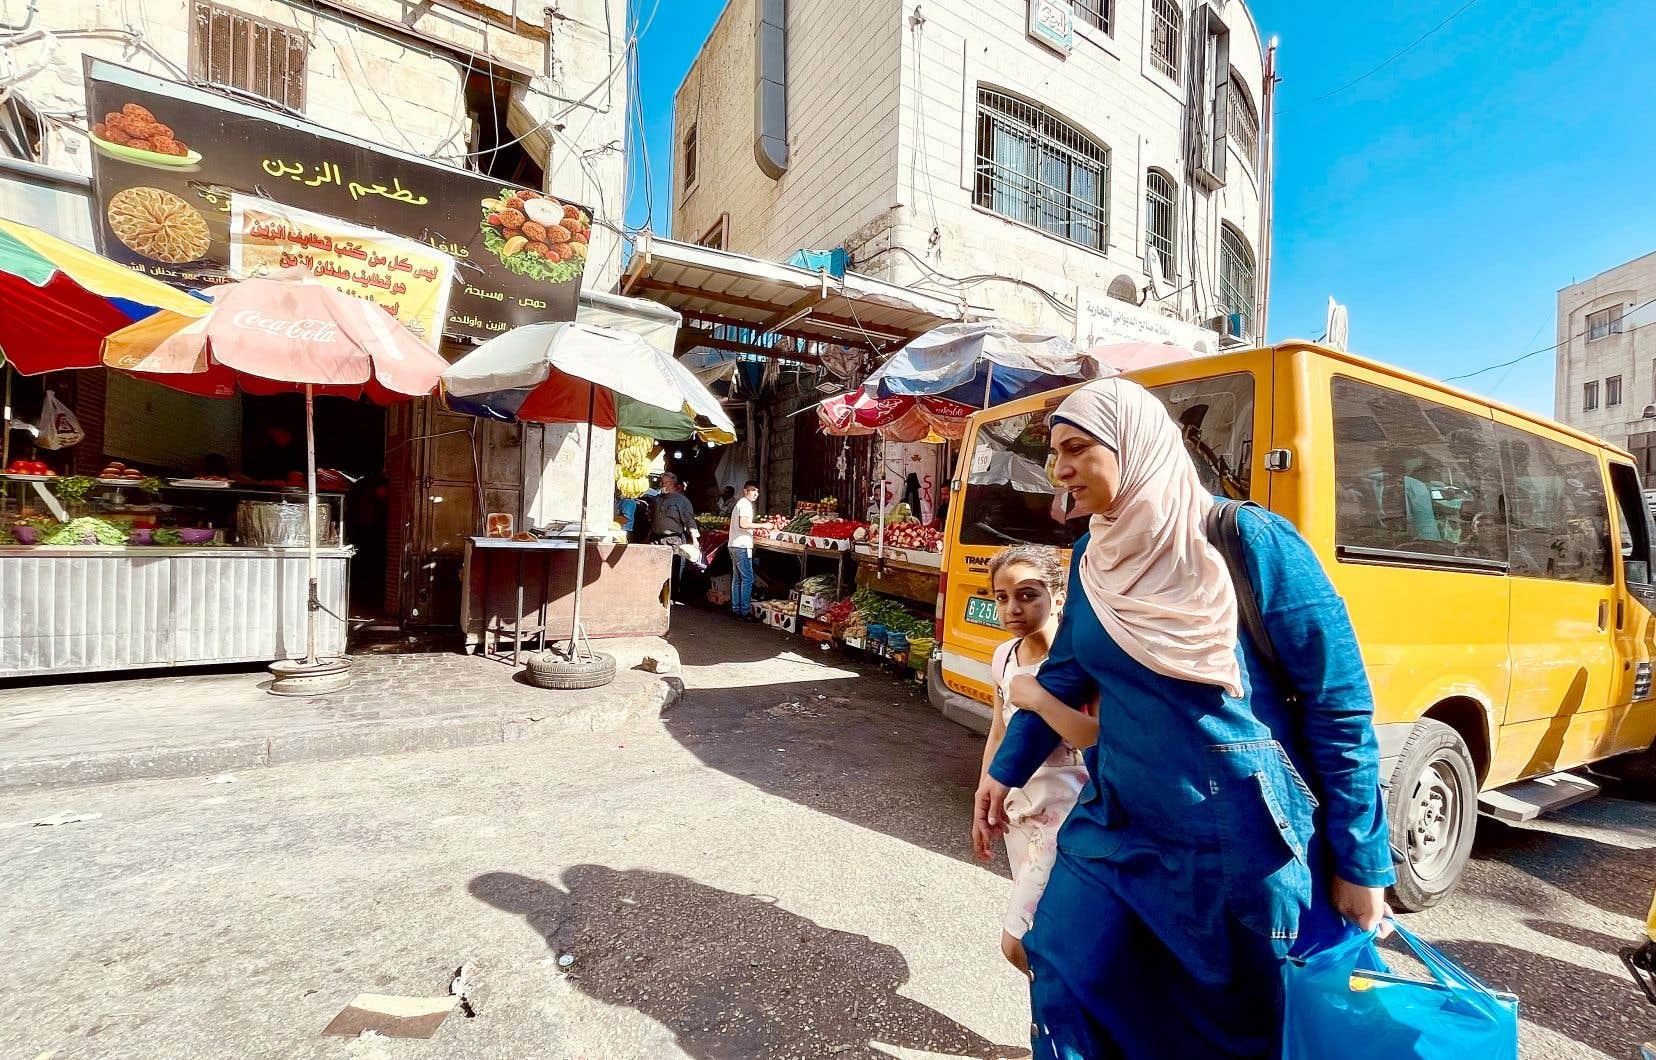 En Cisjordanie, rares sont les Palestiniens qui portent le masque au quotidien. Certaines écoles et institutions l'imposent, mais la plupart des endroits, même intérieurs, n'imposent aucune règle stricte concernant son port.